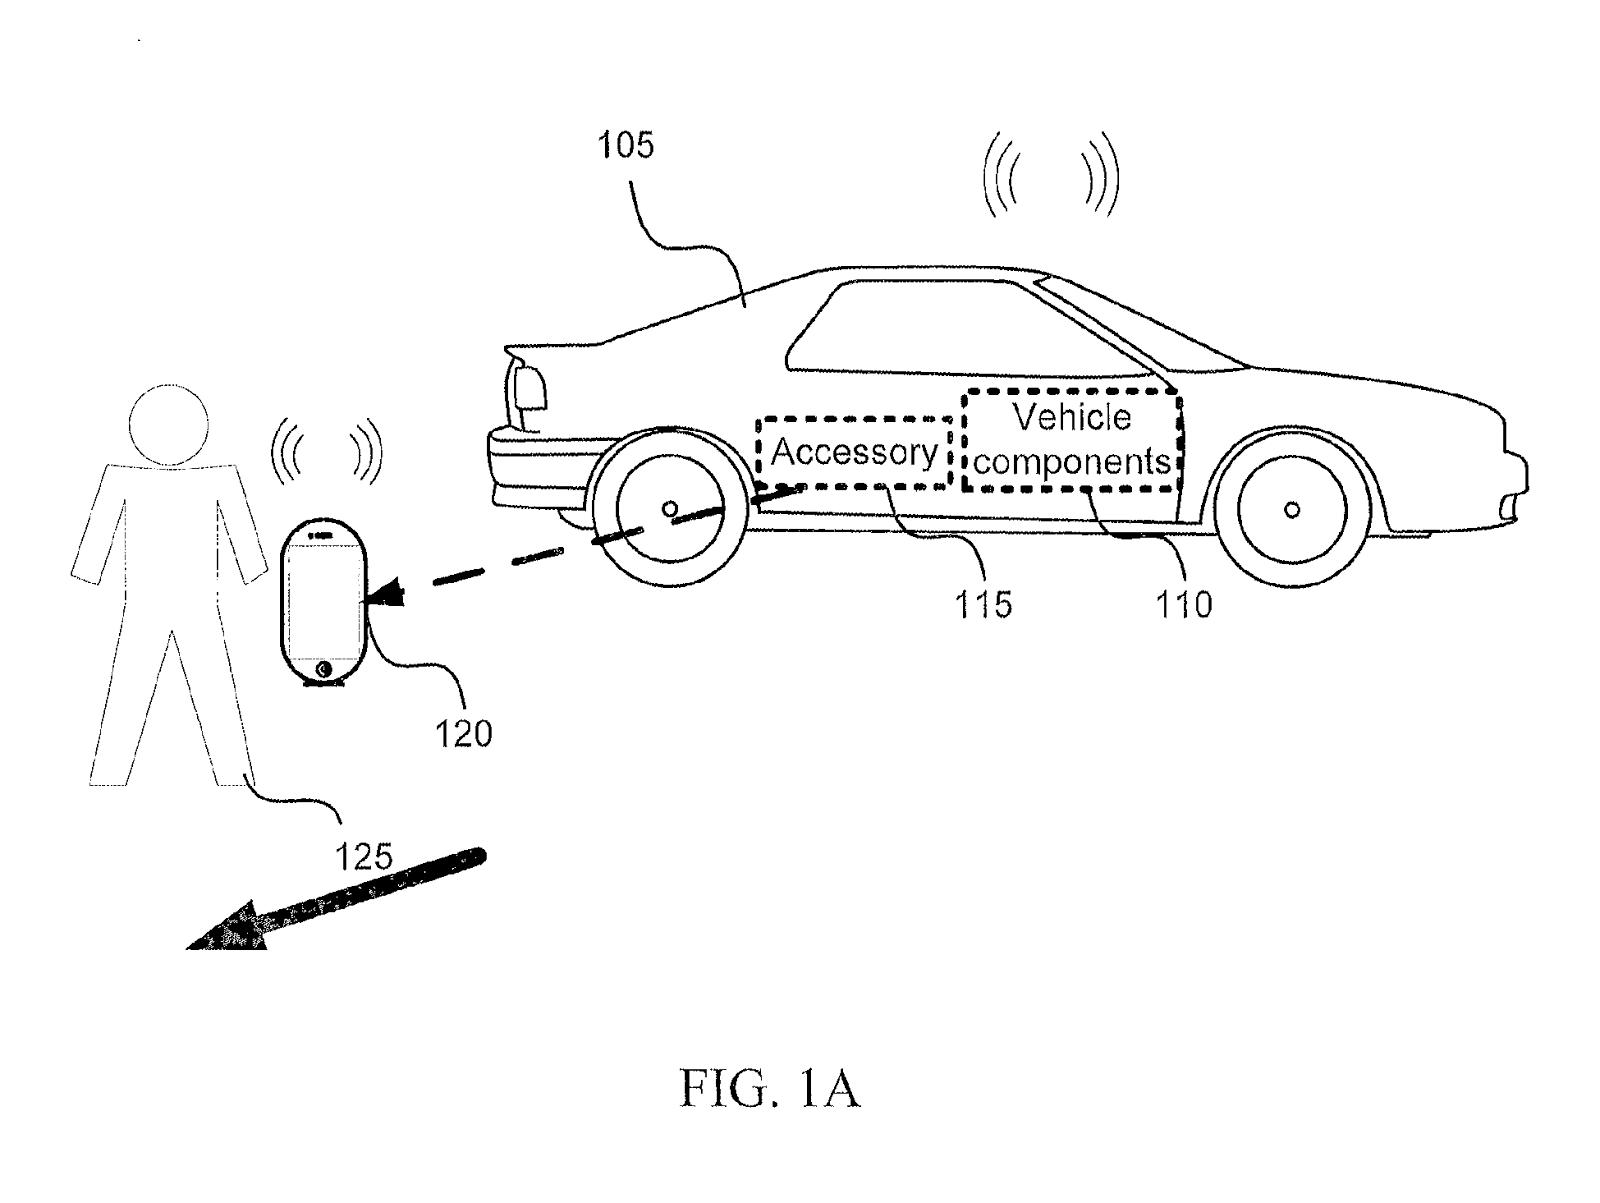 Advanced Car Remote Control